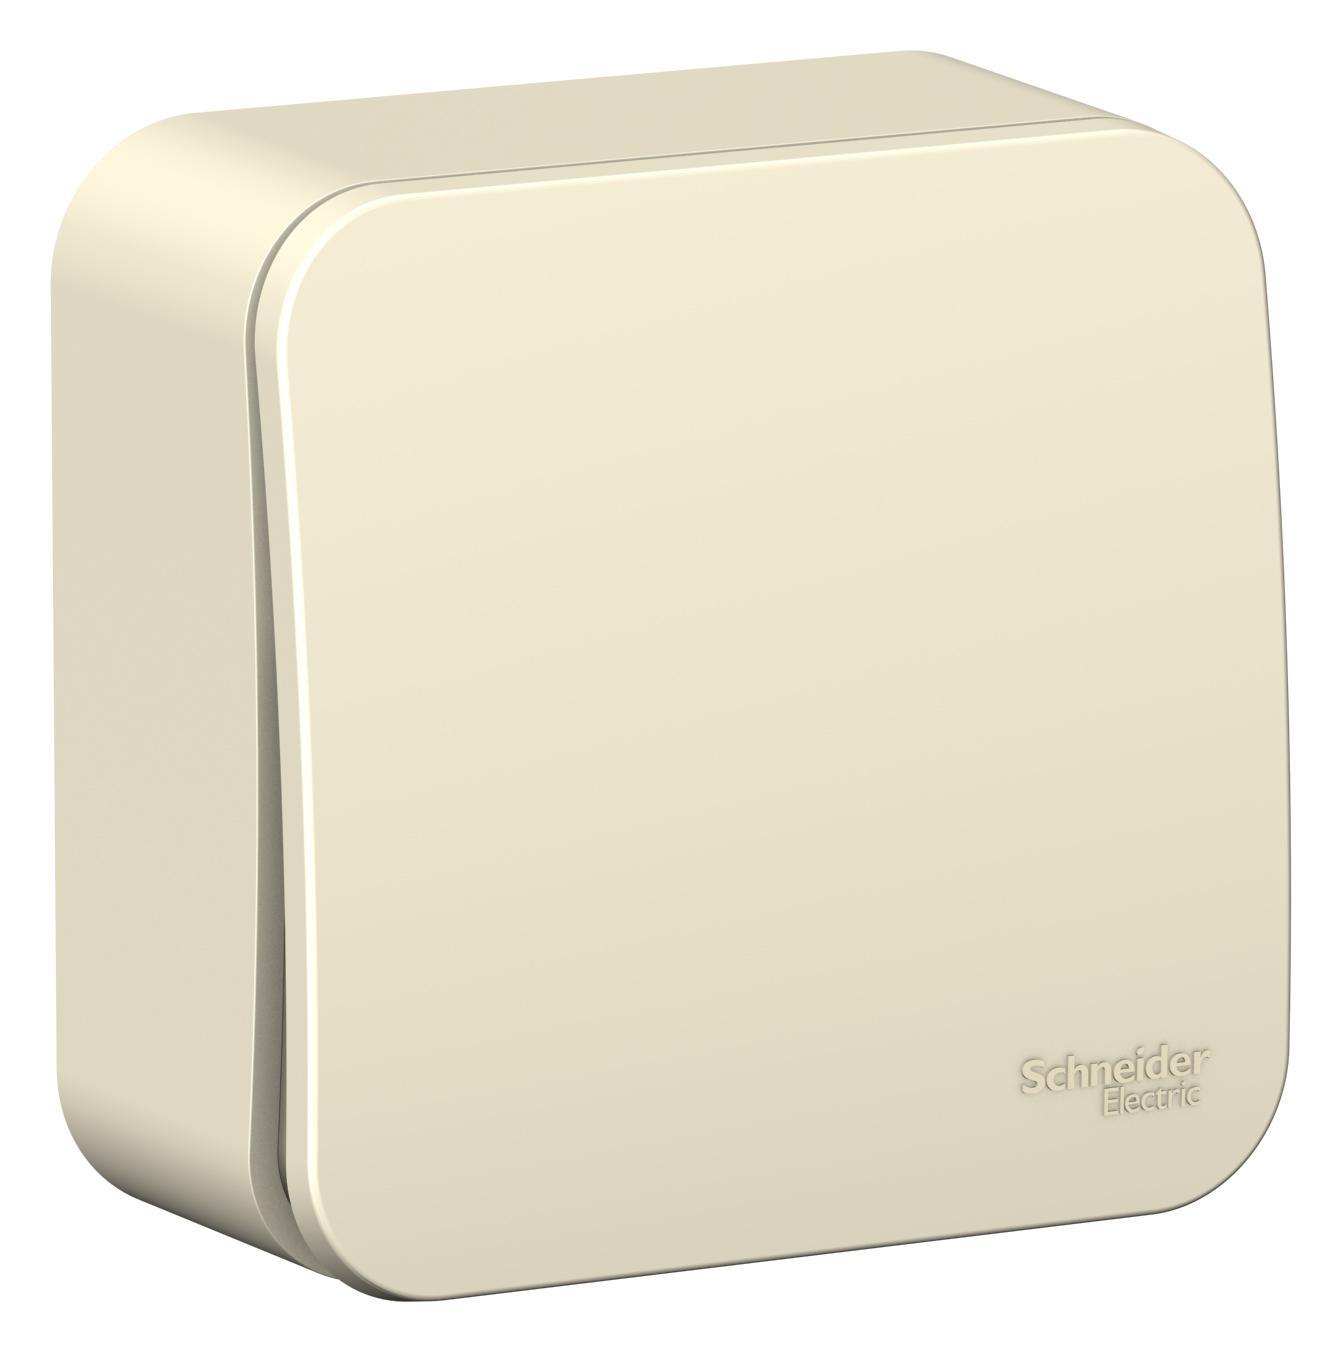 Выключатель Schneider electric Blnva101002 blanca выключатель schneider electric blnva101013 blanca